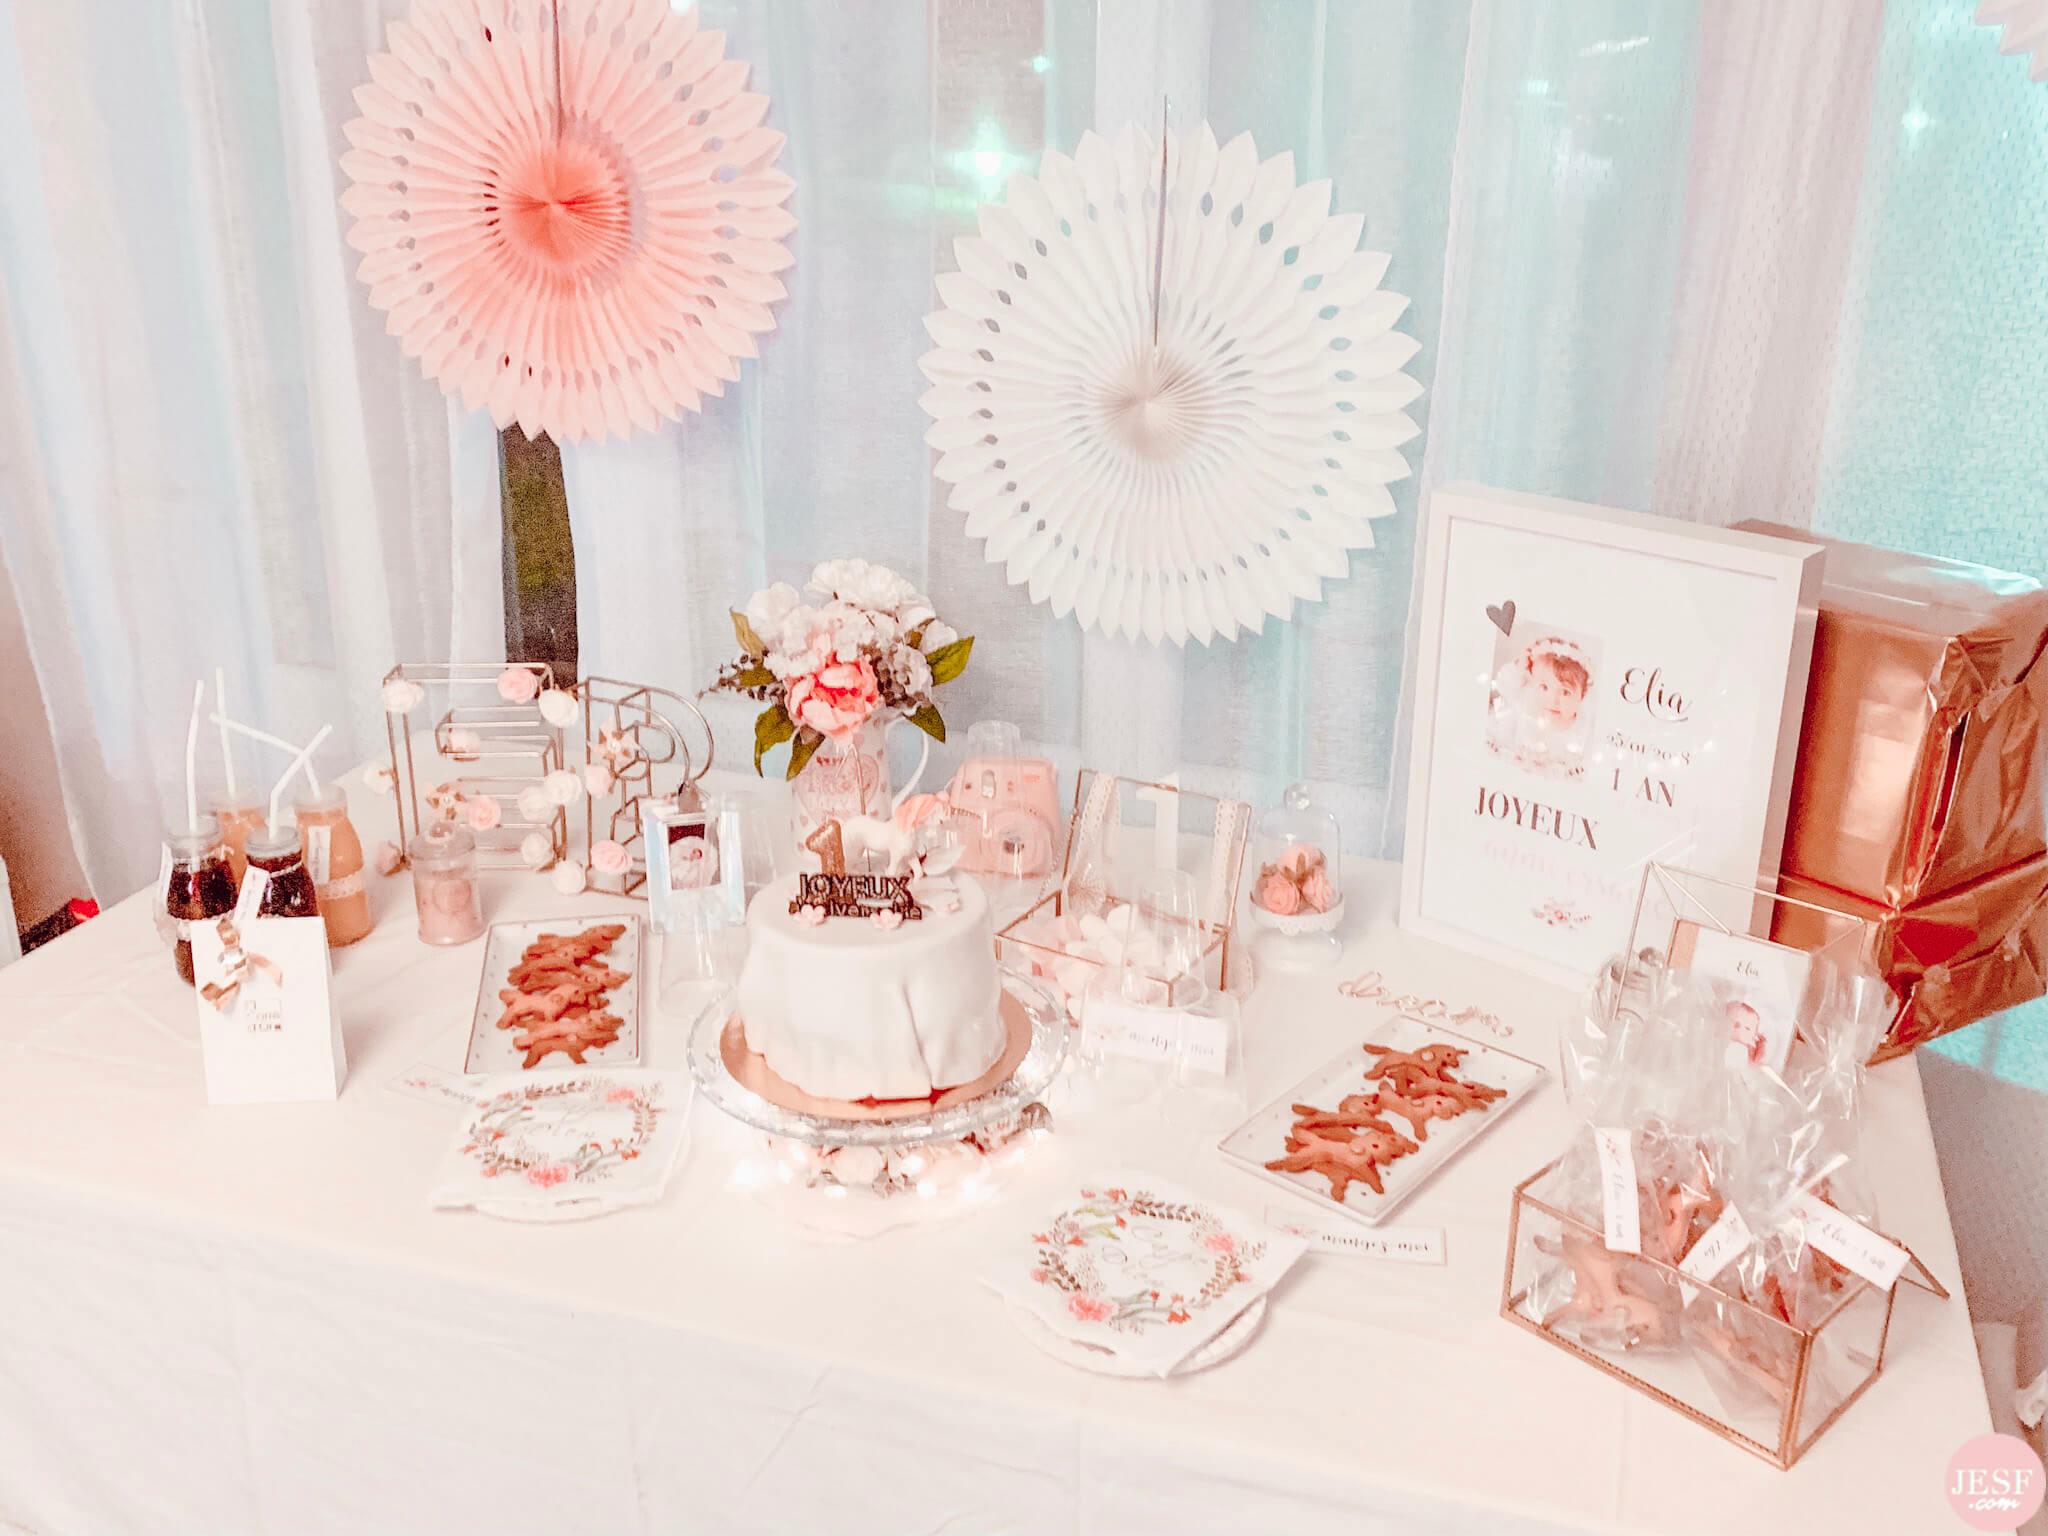 fête-anniversaire-sweet-table-petite-fille-1-an-girly-rose-idées-déco-pas-cher